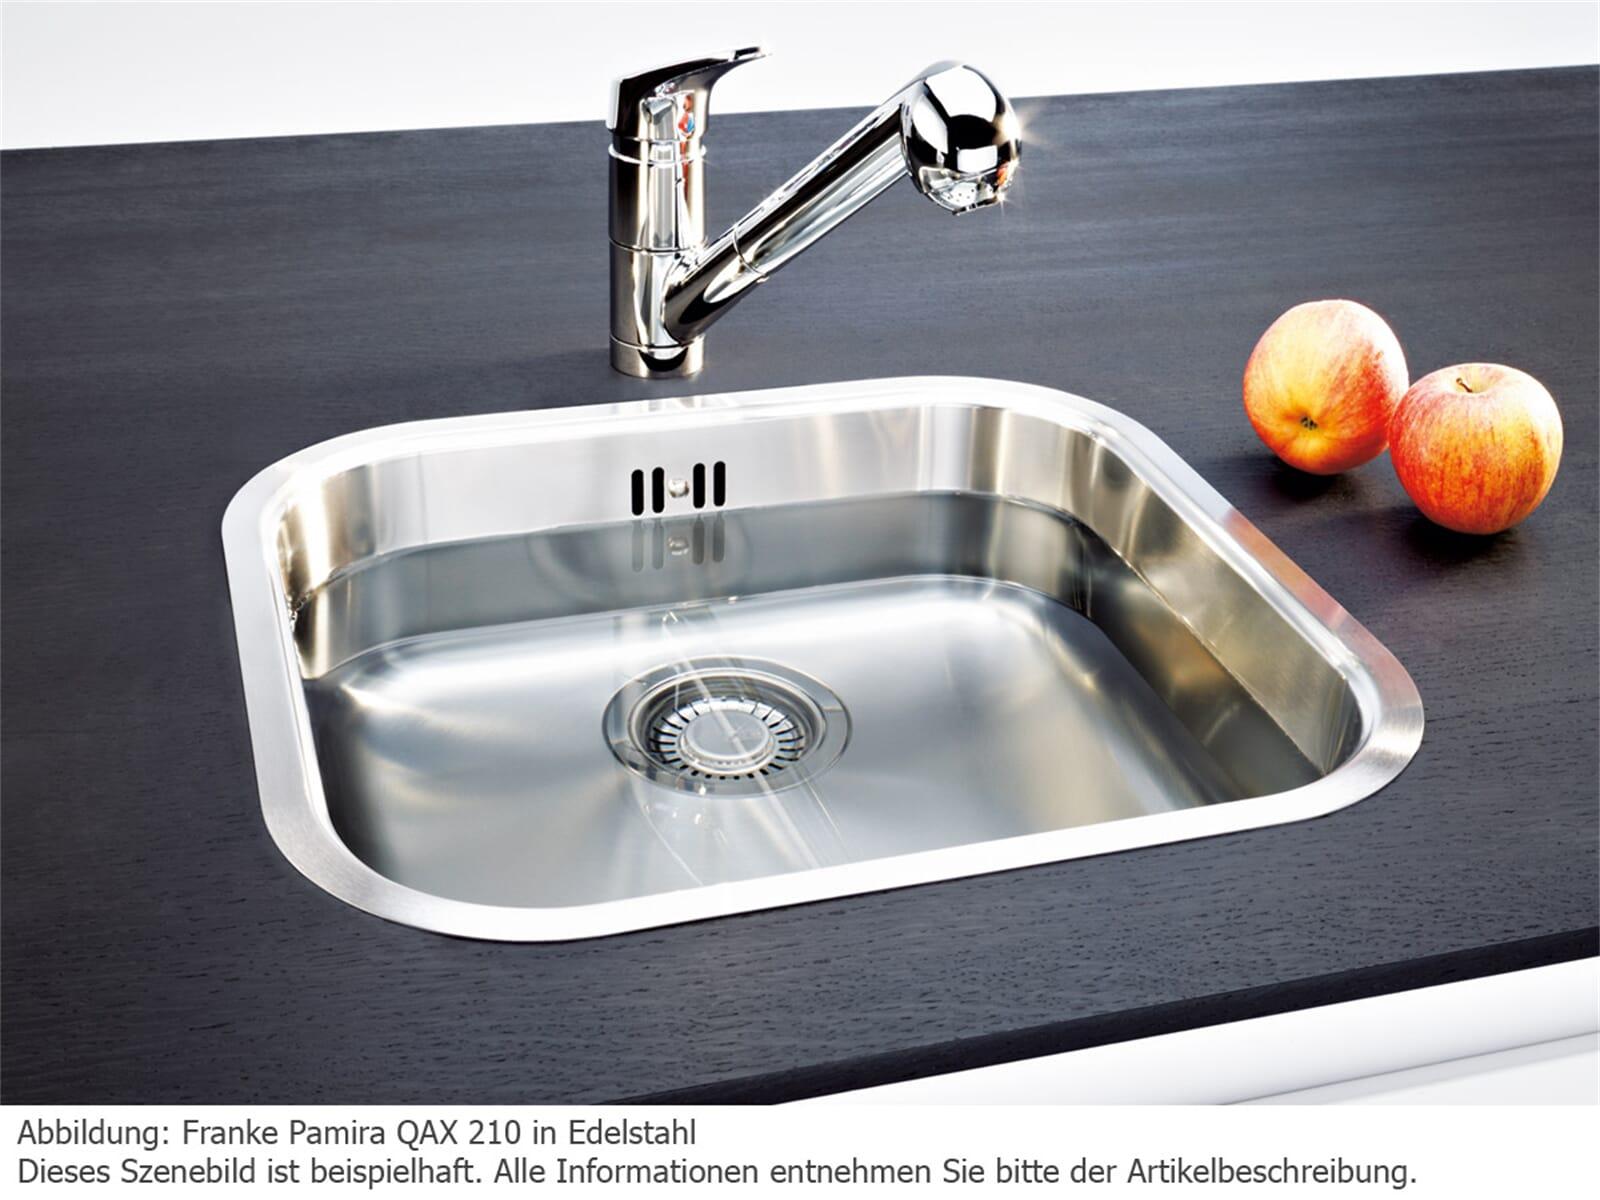 Franke Pamira QAX 210-F Edelstahlspüle glatt